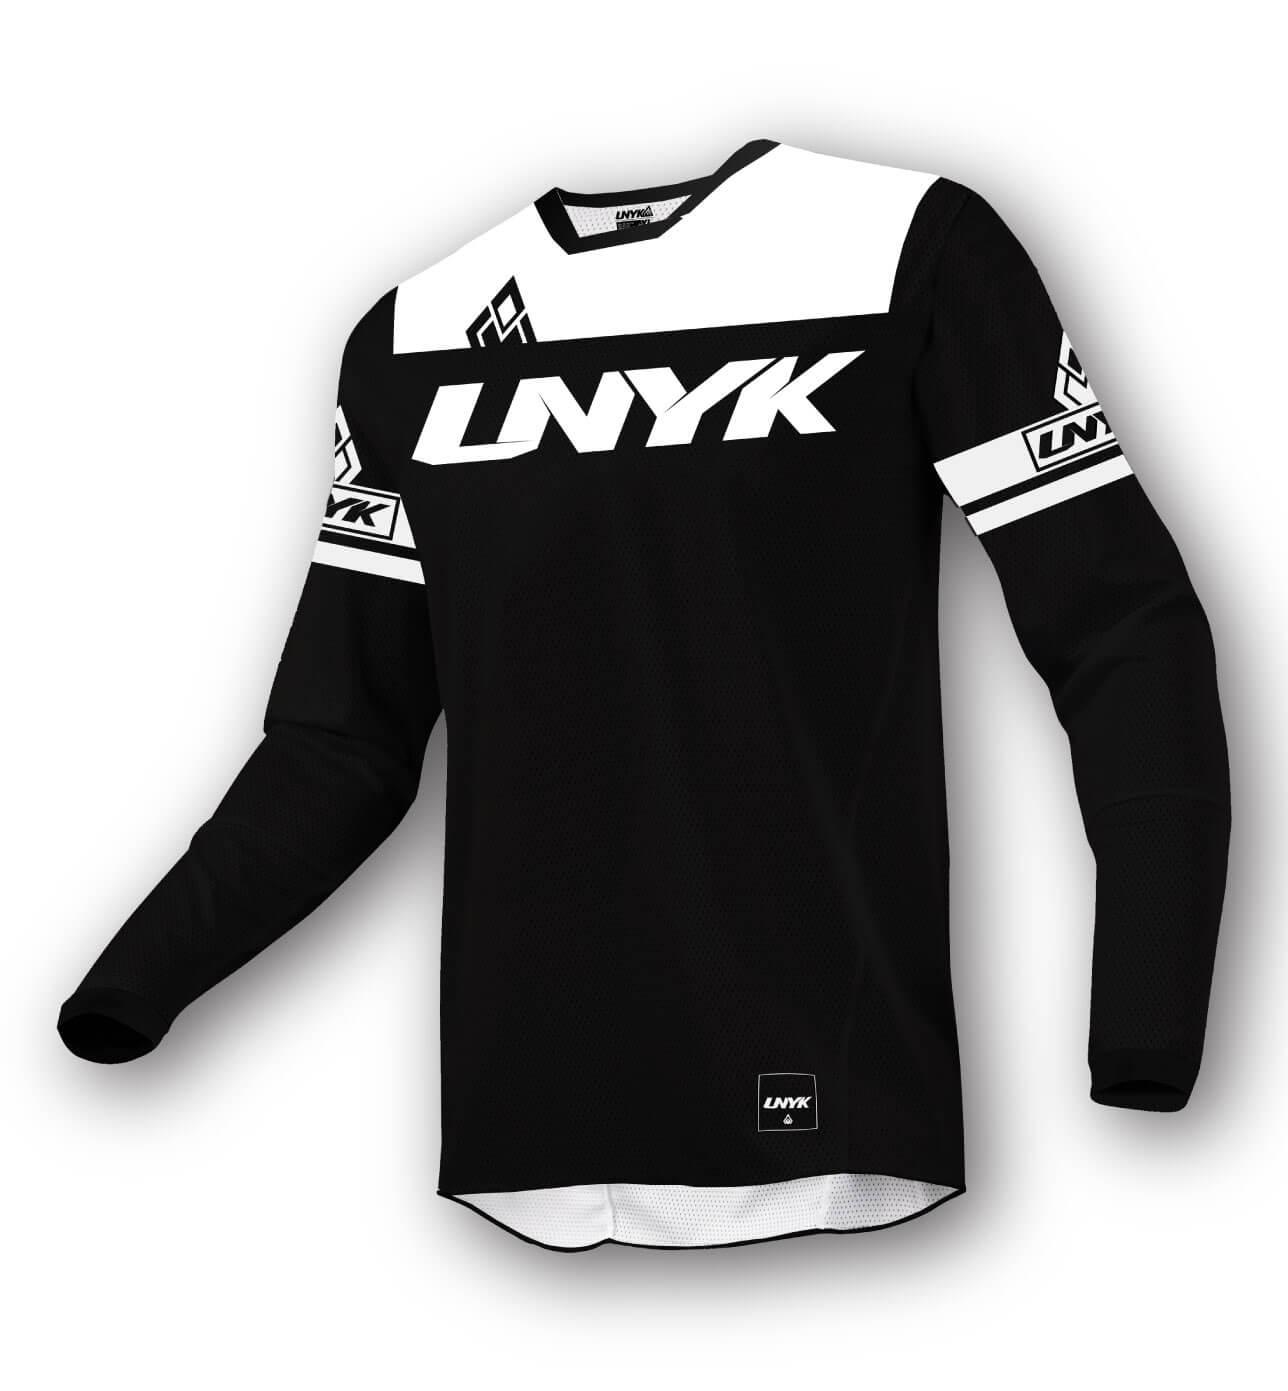 Unyk Mx Pionyr Motocross Jersey Trikot Schwarz